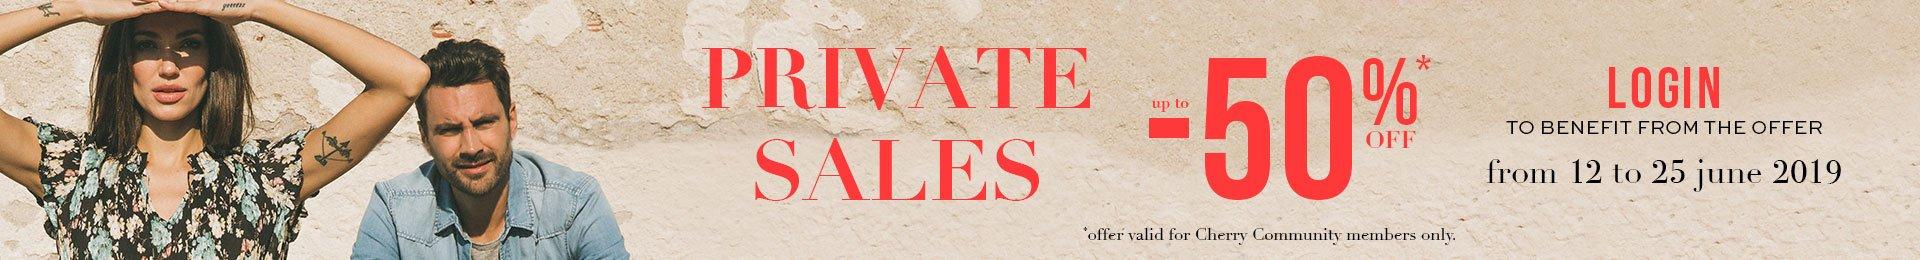 Private Sales